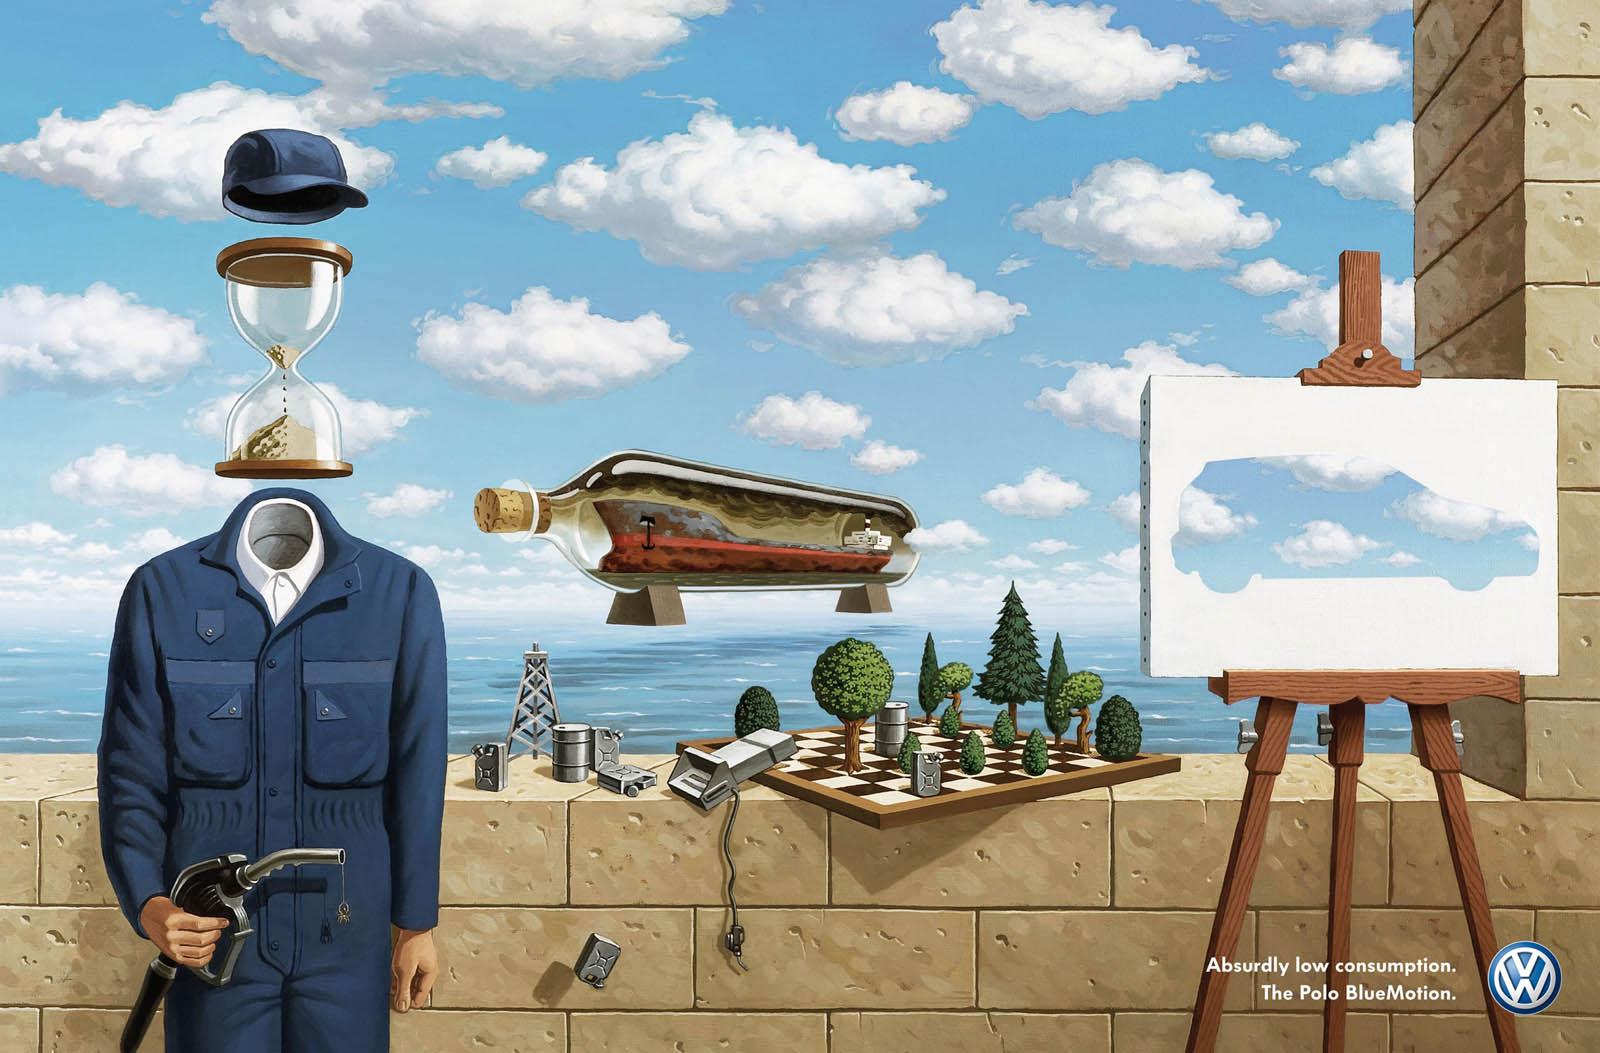 vw_bluemotion_pz_magritte